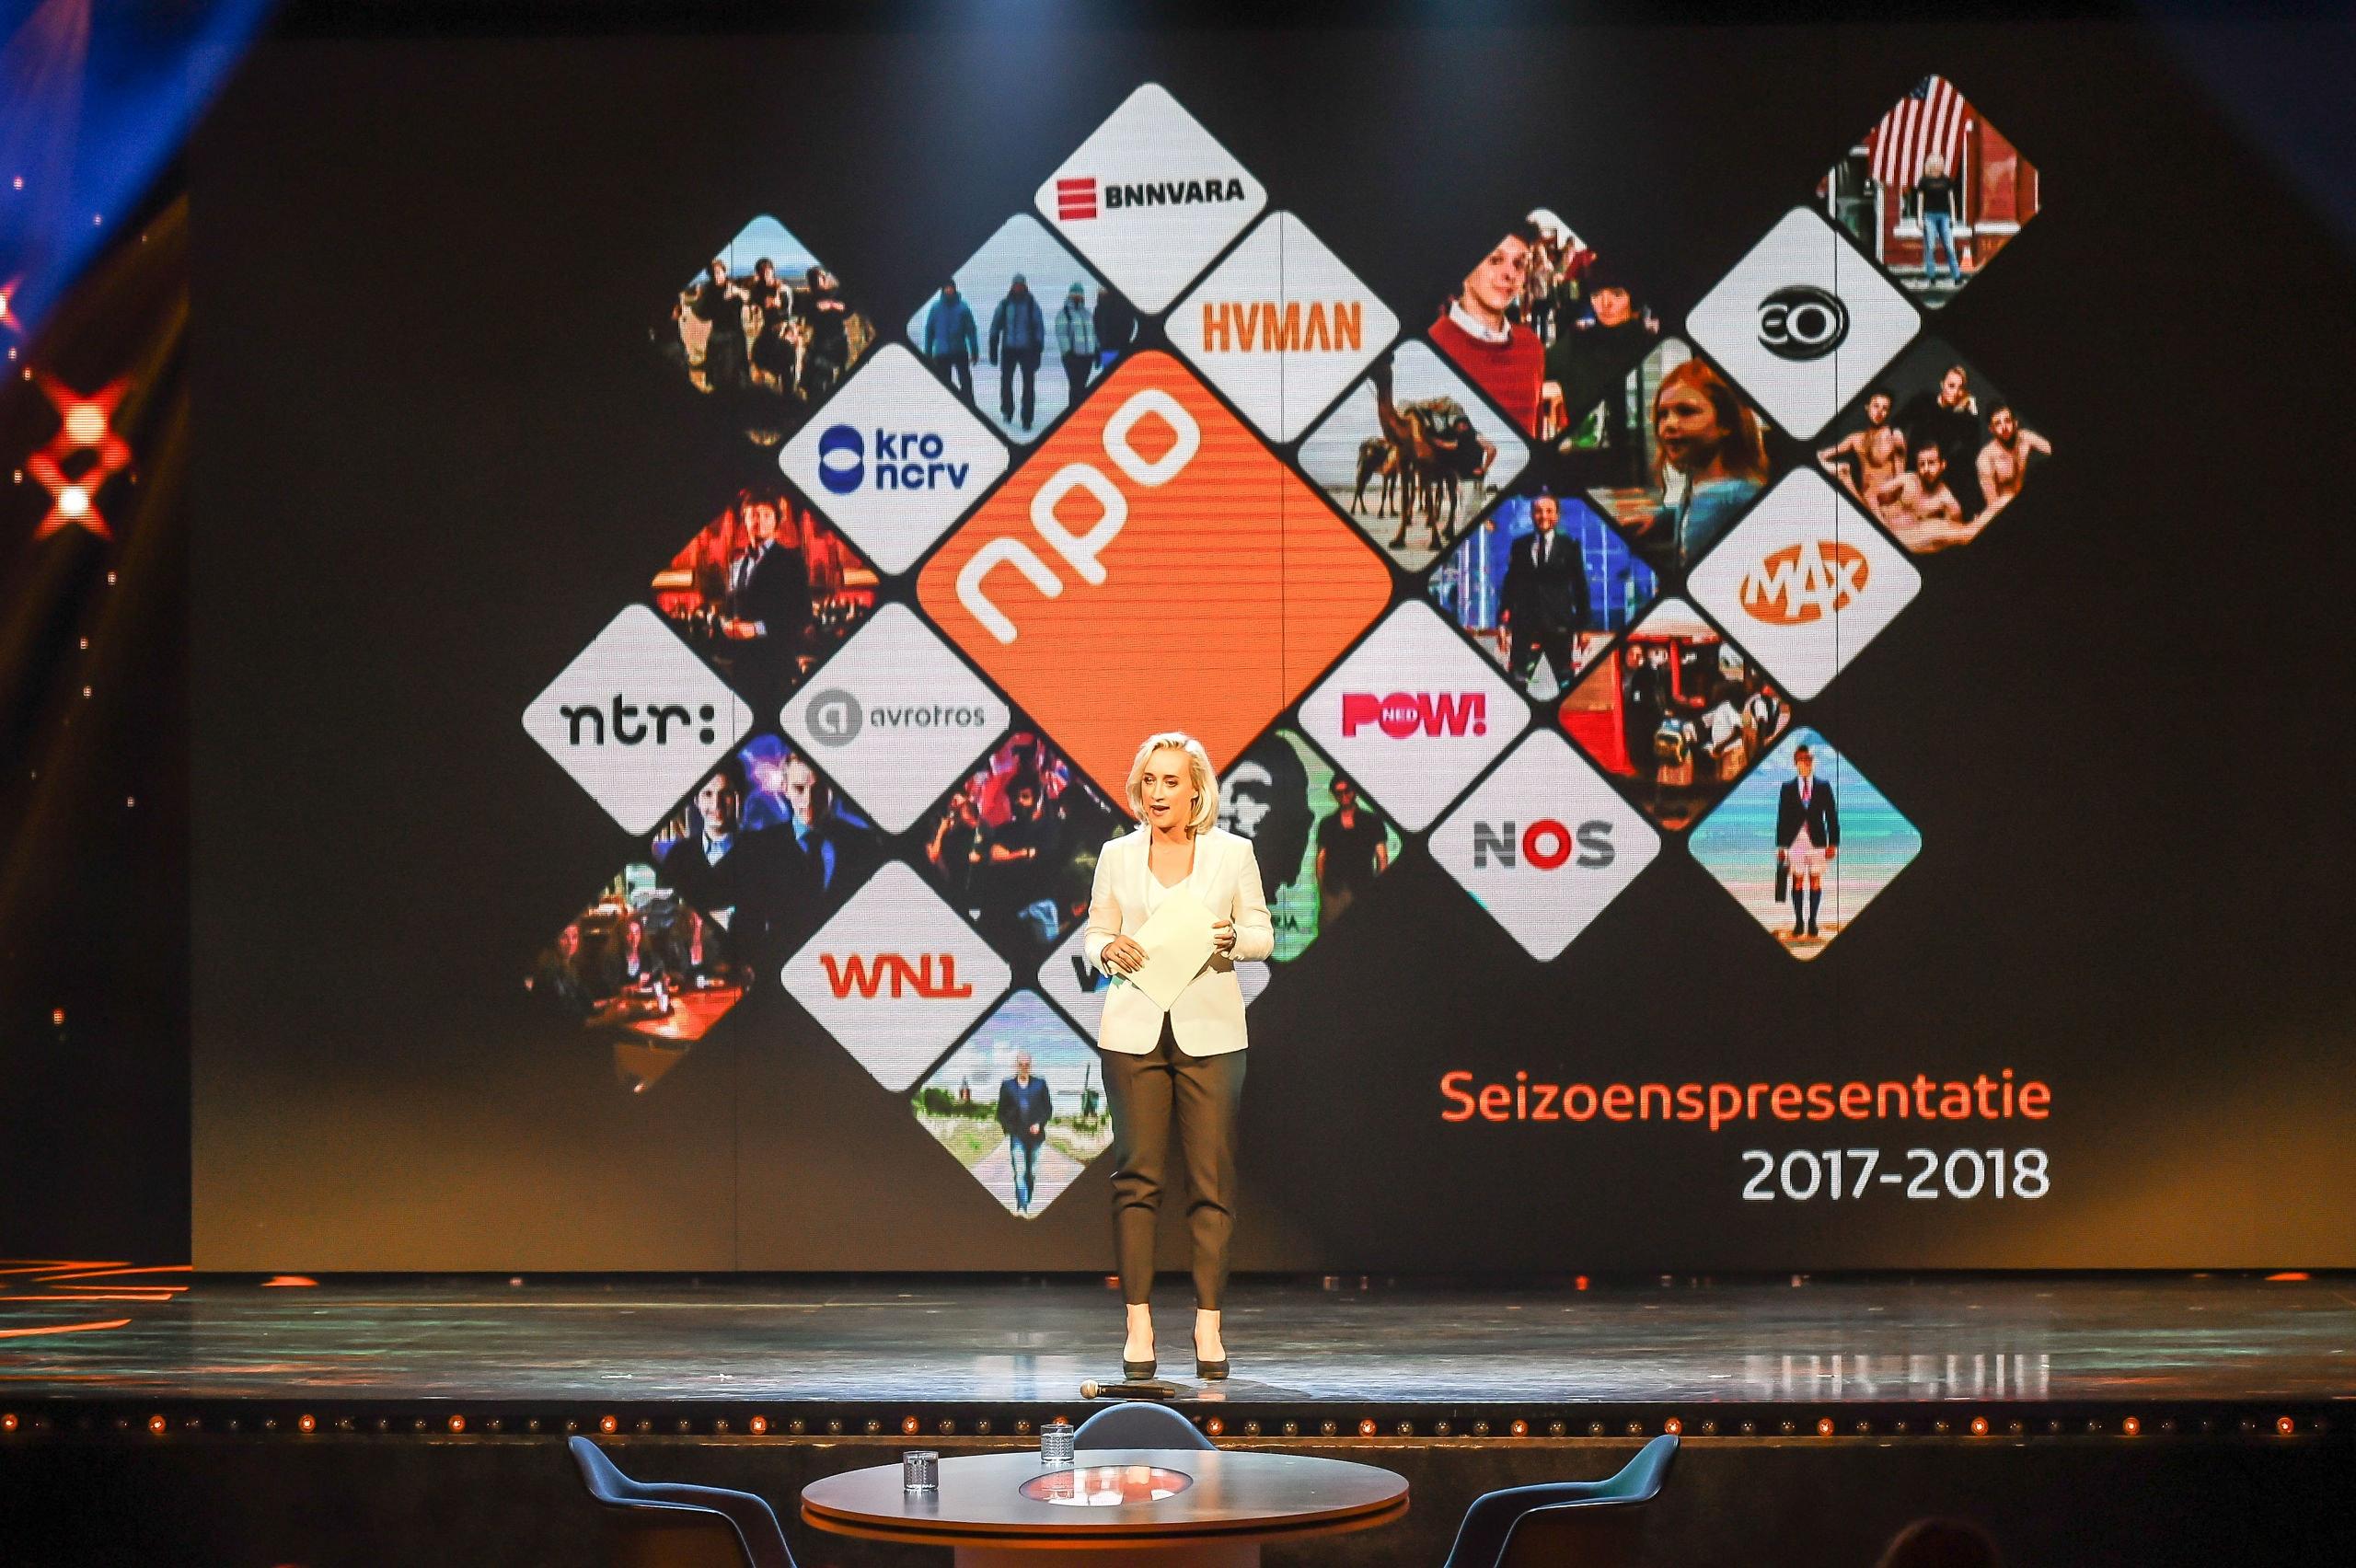 28-08-2017, Hilversum, Nederland: Eva Jinek tijdens de presentatie van Seizoenspresentatie 2017 - 2018 van het Nederlandse Publieke Omroep (NPO) bij studio 21 te Hilversum.